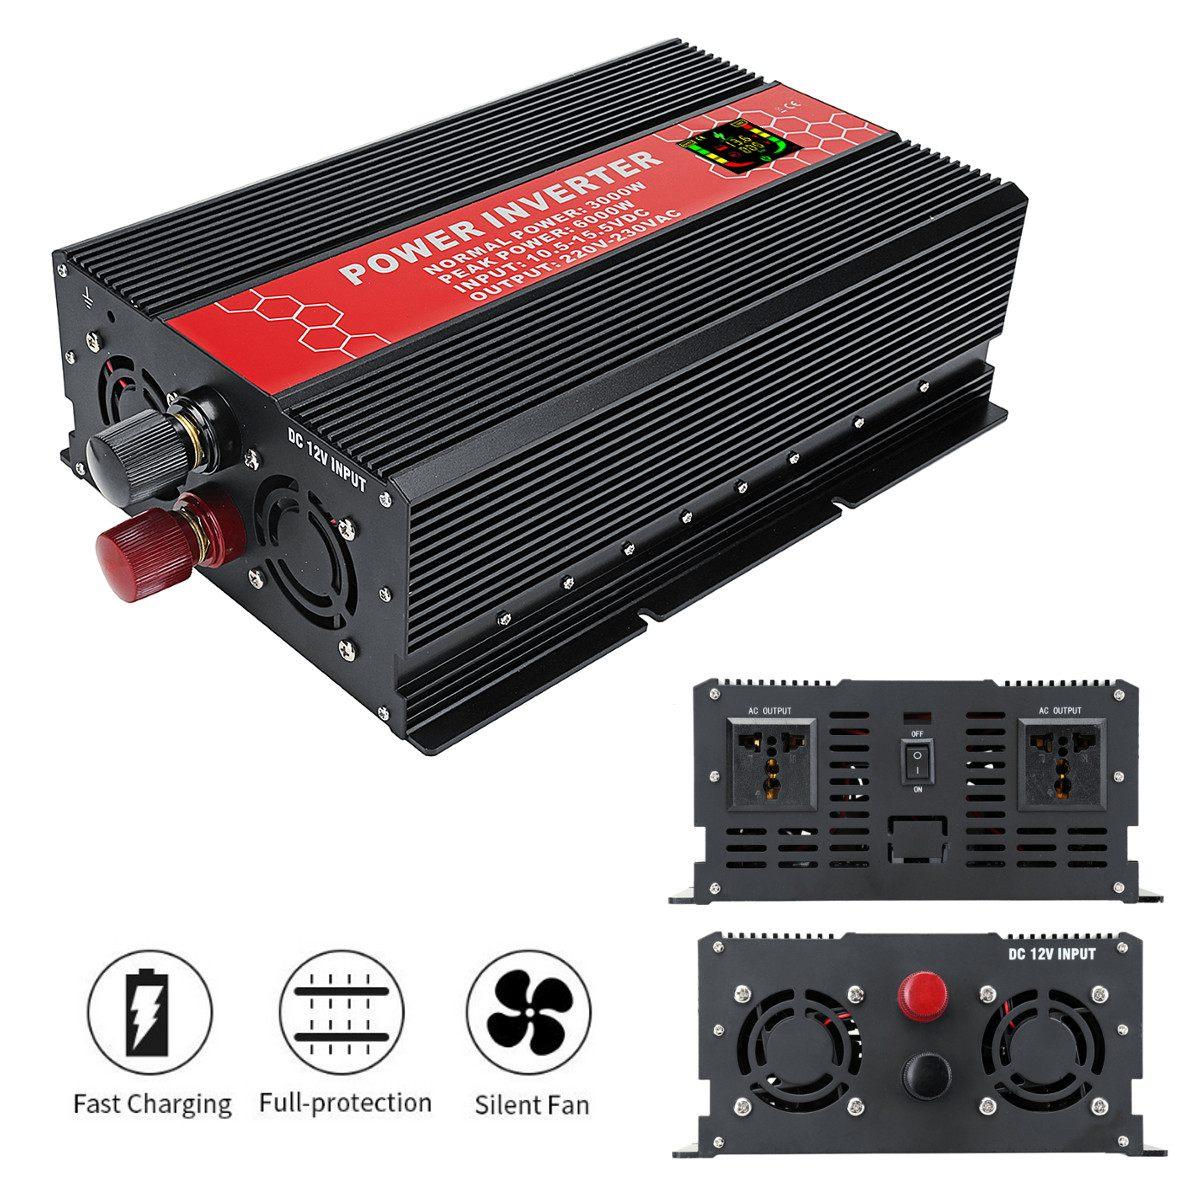 Convertisseur Intelligent d'inverseur d'écran 12/24 V à 110/220 V 3000 W 6000 W convertisseur d'inverseur de transformateur de tension d'onde sinusoïdale modifiée par crête